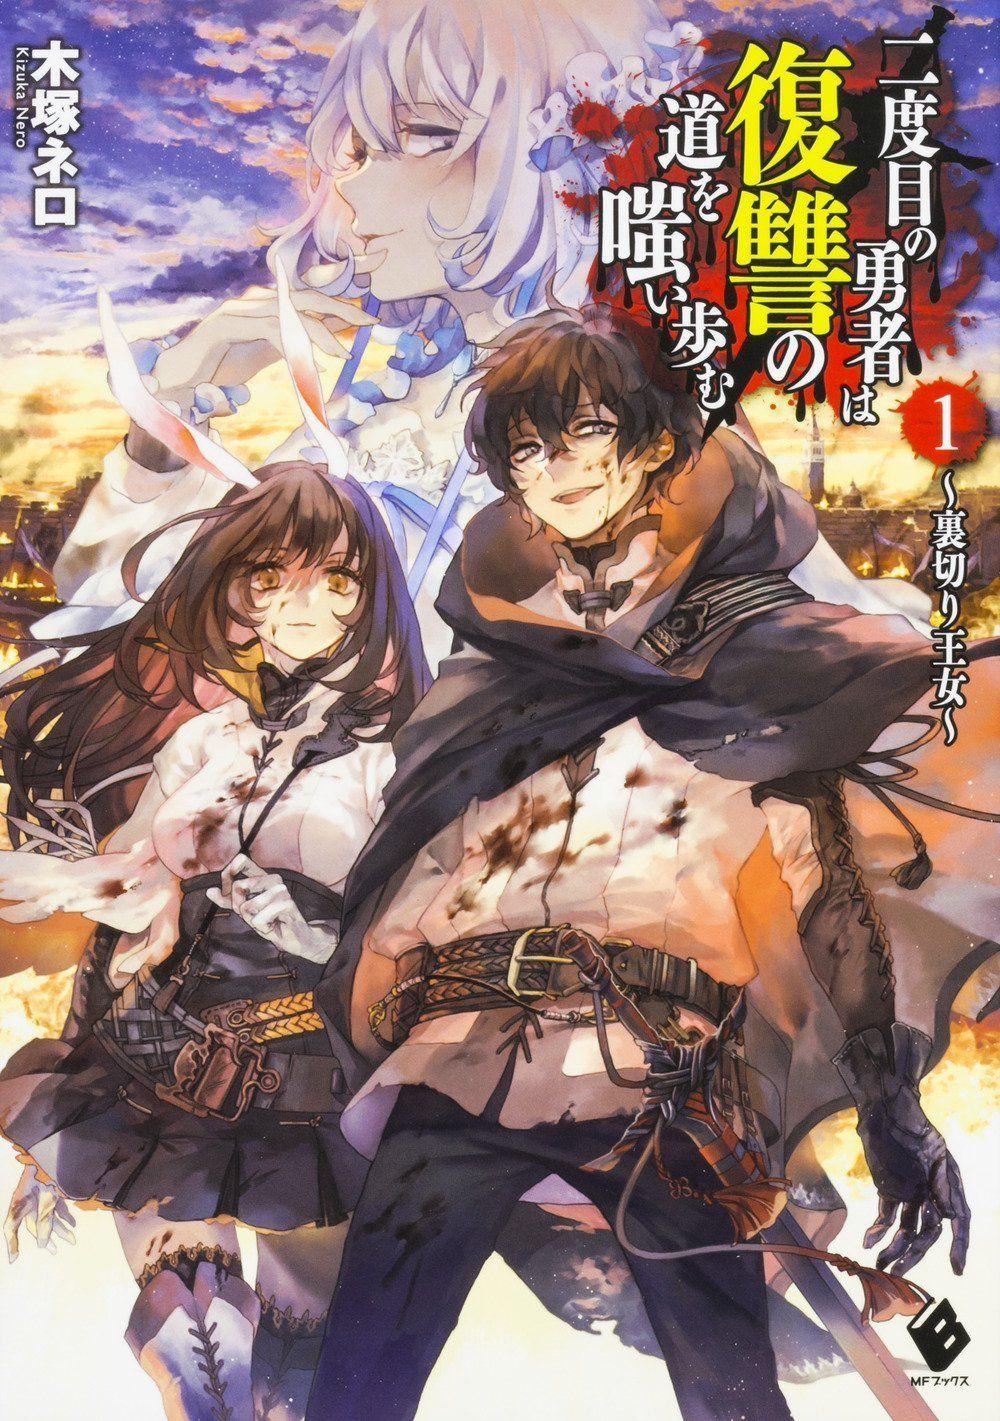 Komik Nidome no Yuusha Bahasa Indonesia Manga, Komik, Kaito